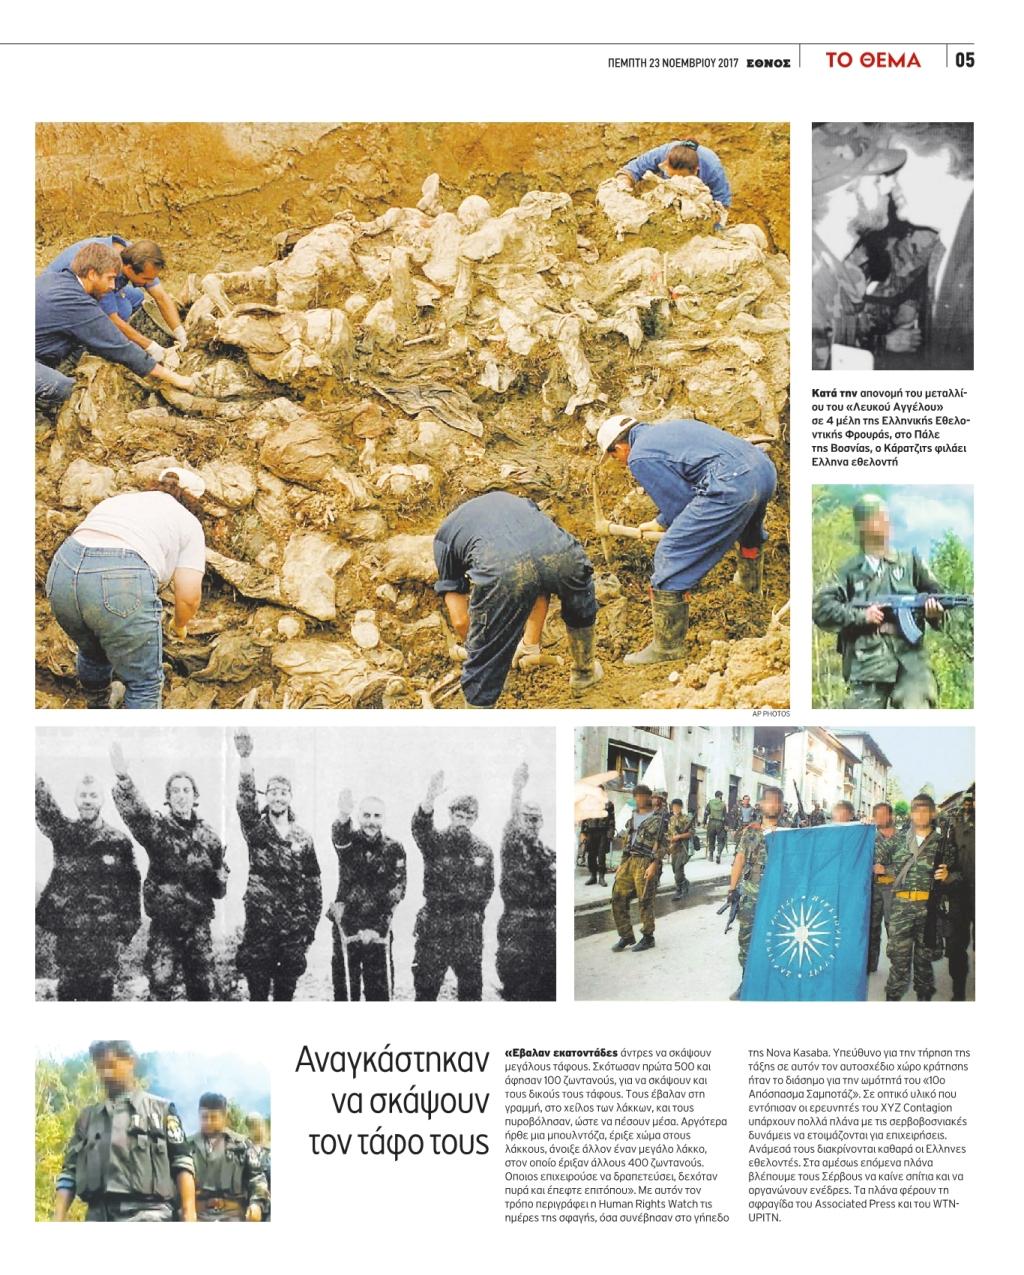 Ολες οι φωτογραφίες από το XYZ Contagion: Εθνος 23/11/2017, Μαρία Ψαρά & Λευτέρης Μπιντέλας, Τα ελληνικά τάγματα στη Σρεμπρένιτσα.